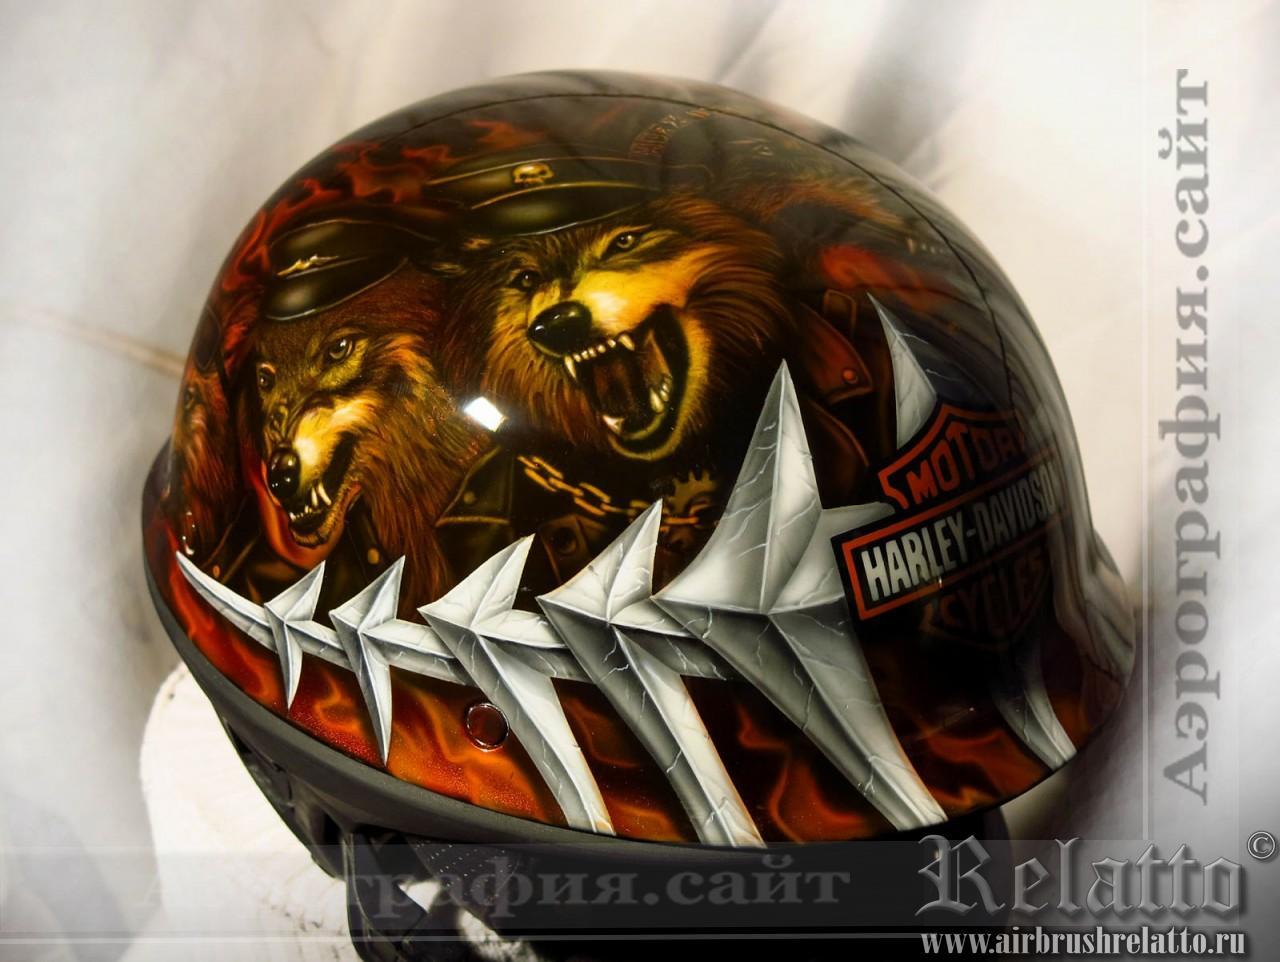 Рисунок на шлеме Bell